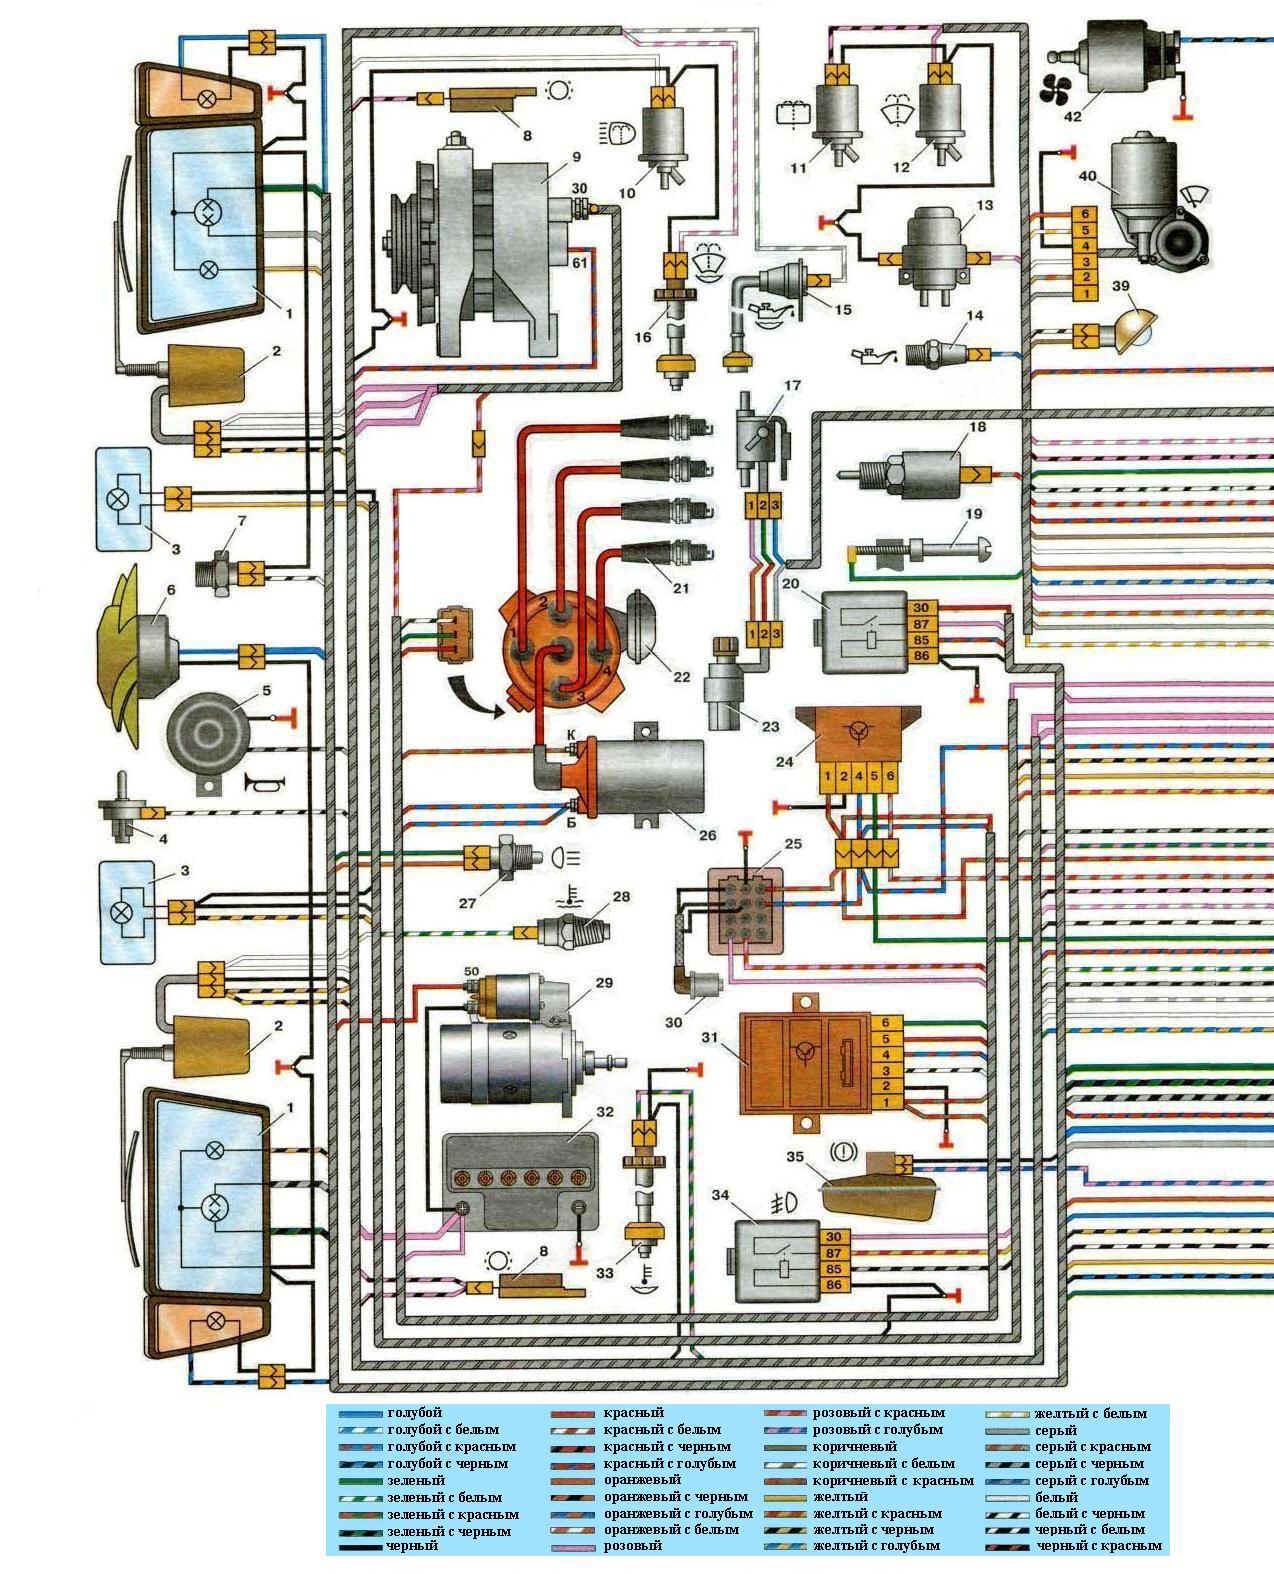 Электрическая схема холодильника апшерон.  Схема электрооборудования ваз21093.